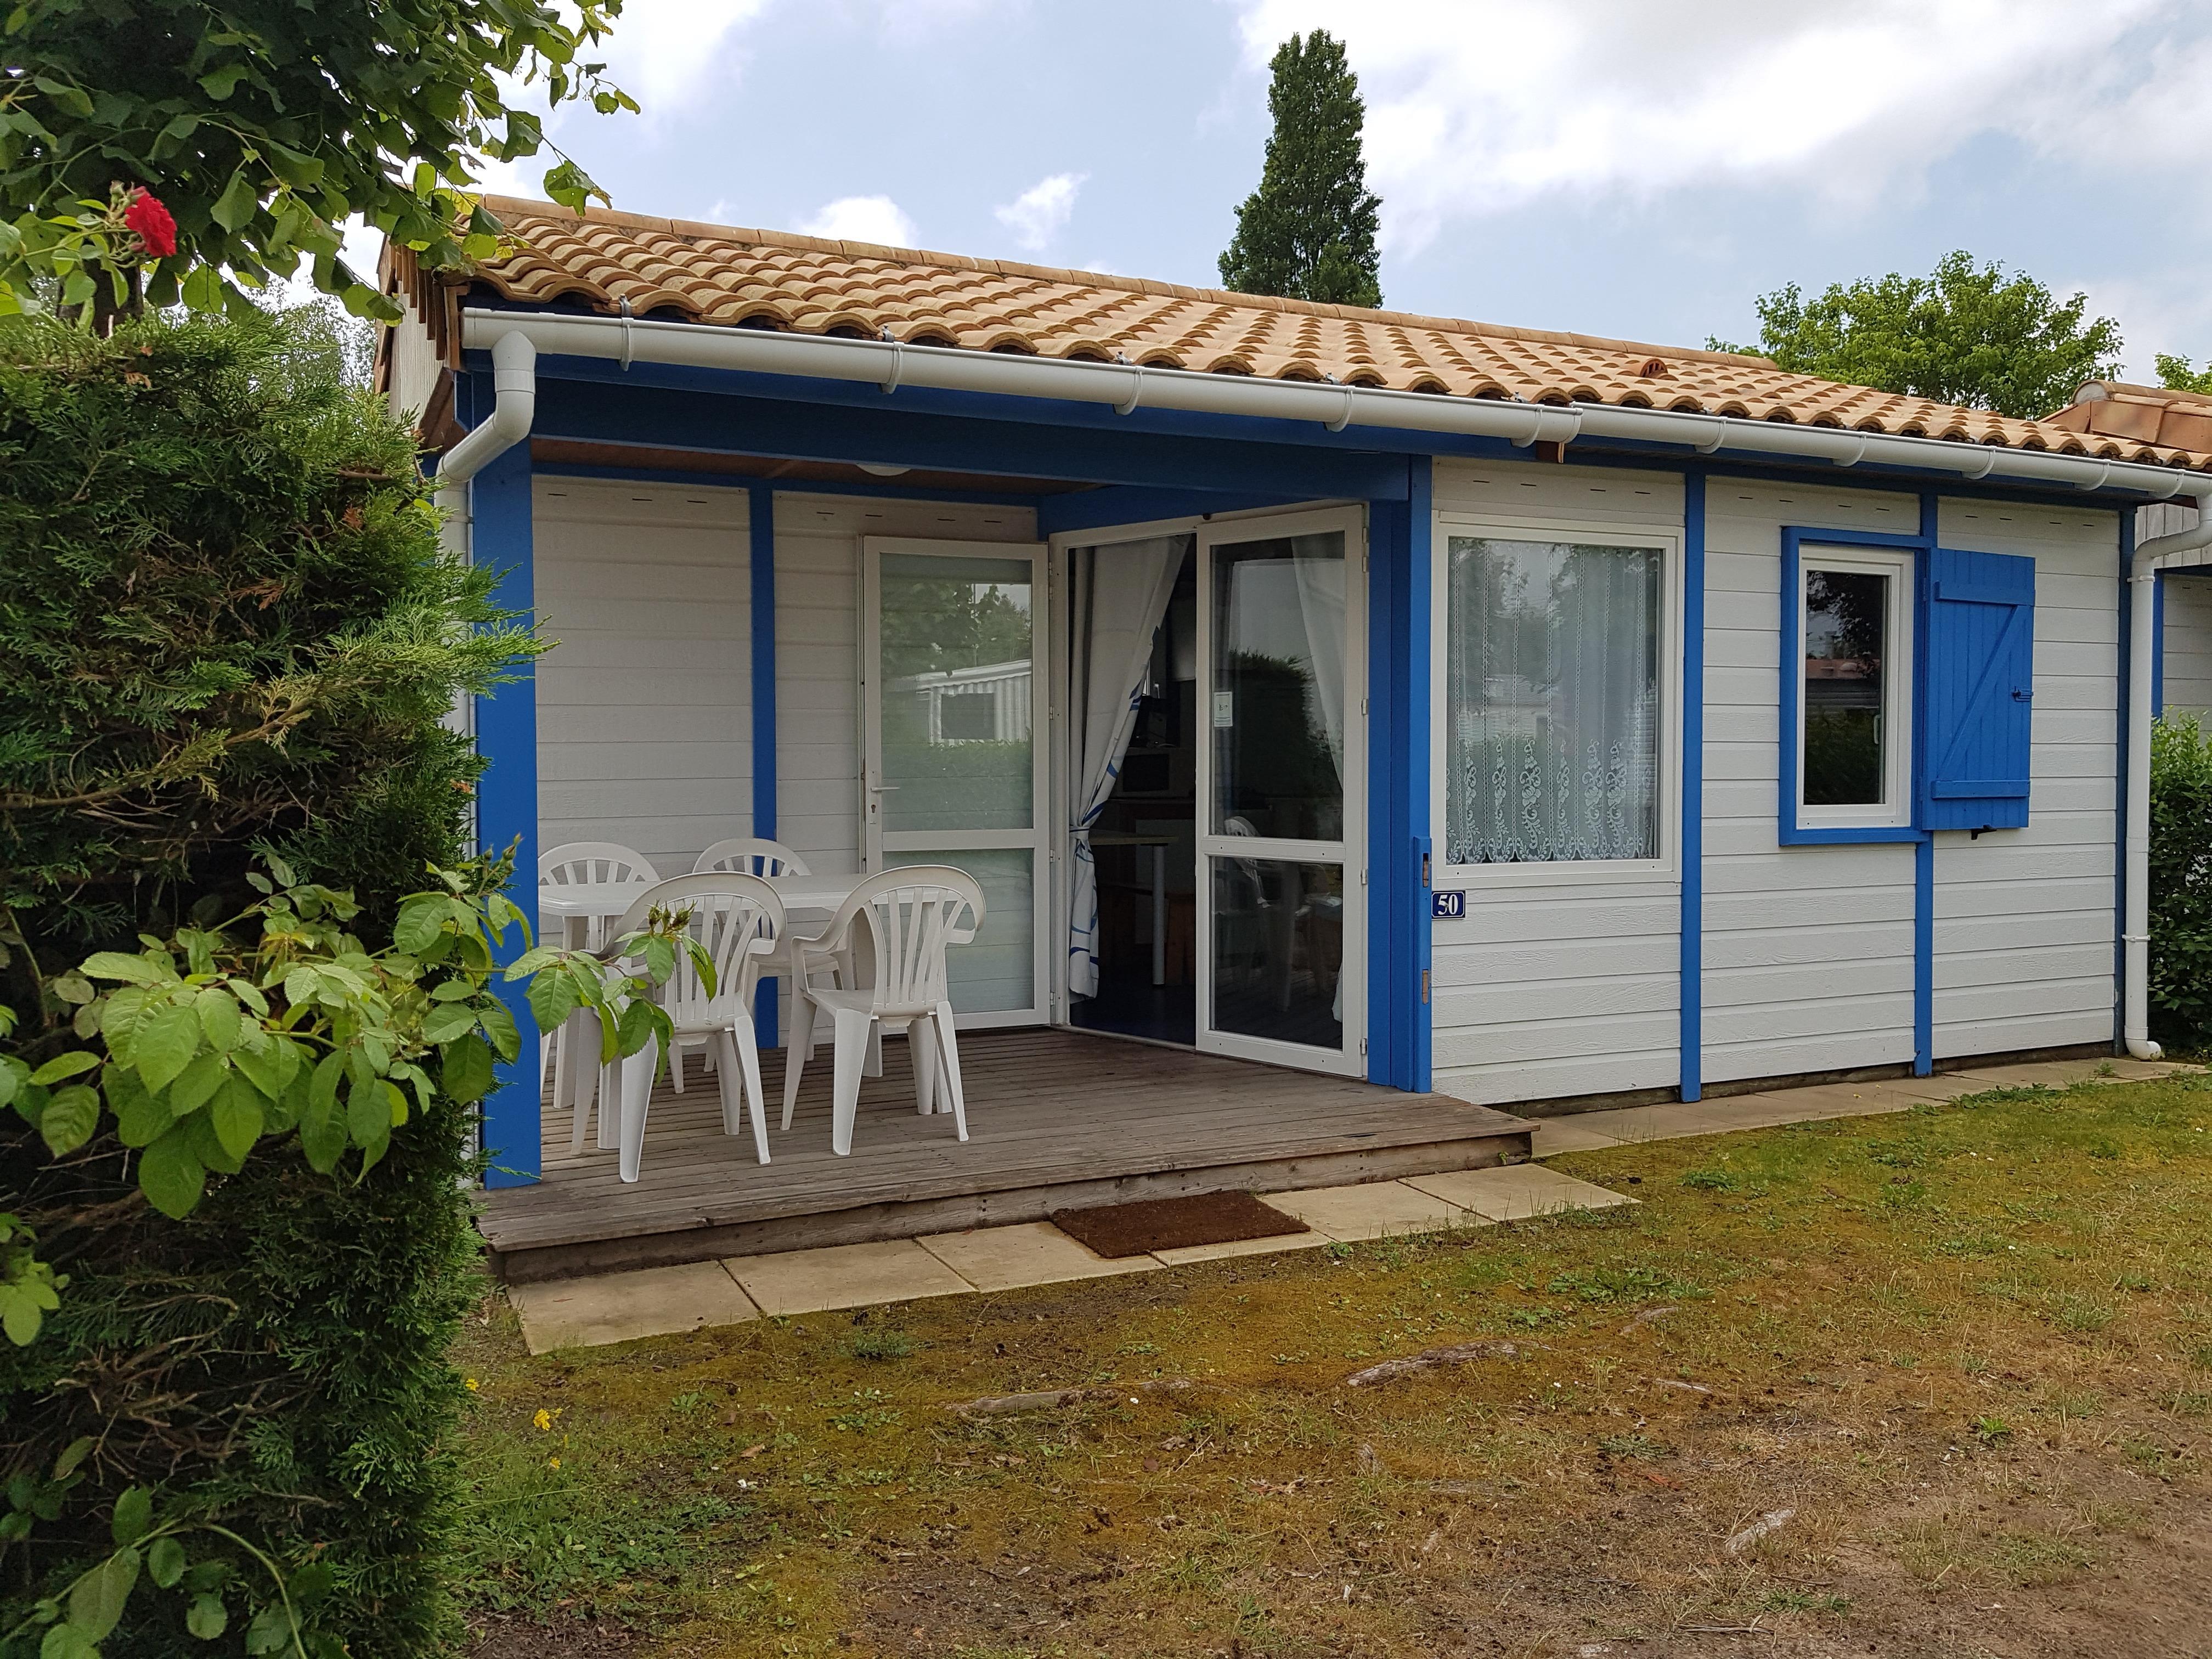 Chalet Azur 2 chambres terrasse intégrée